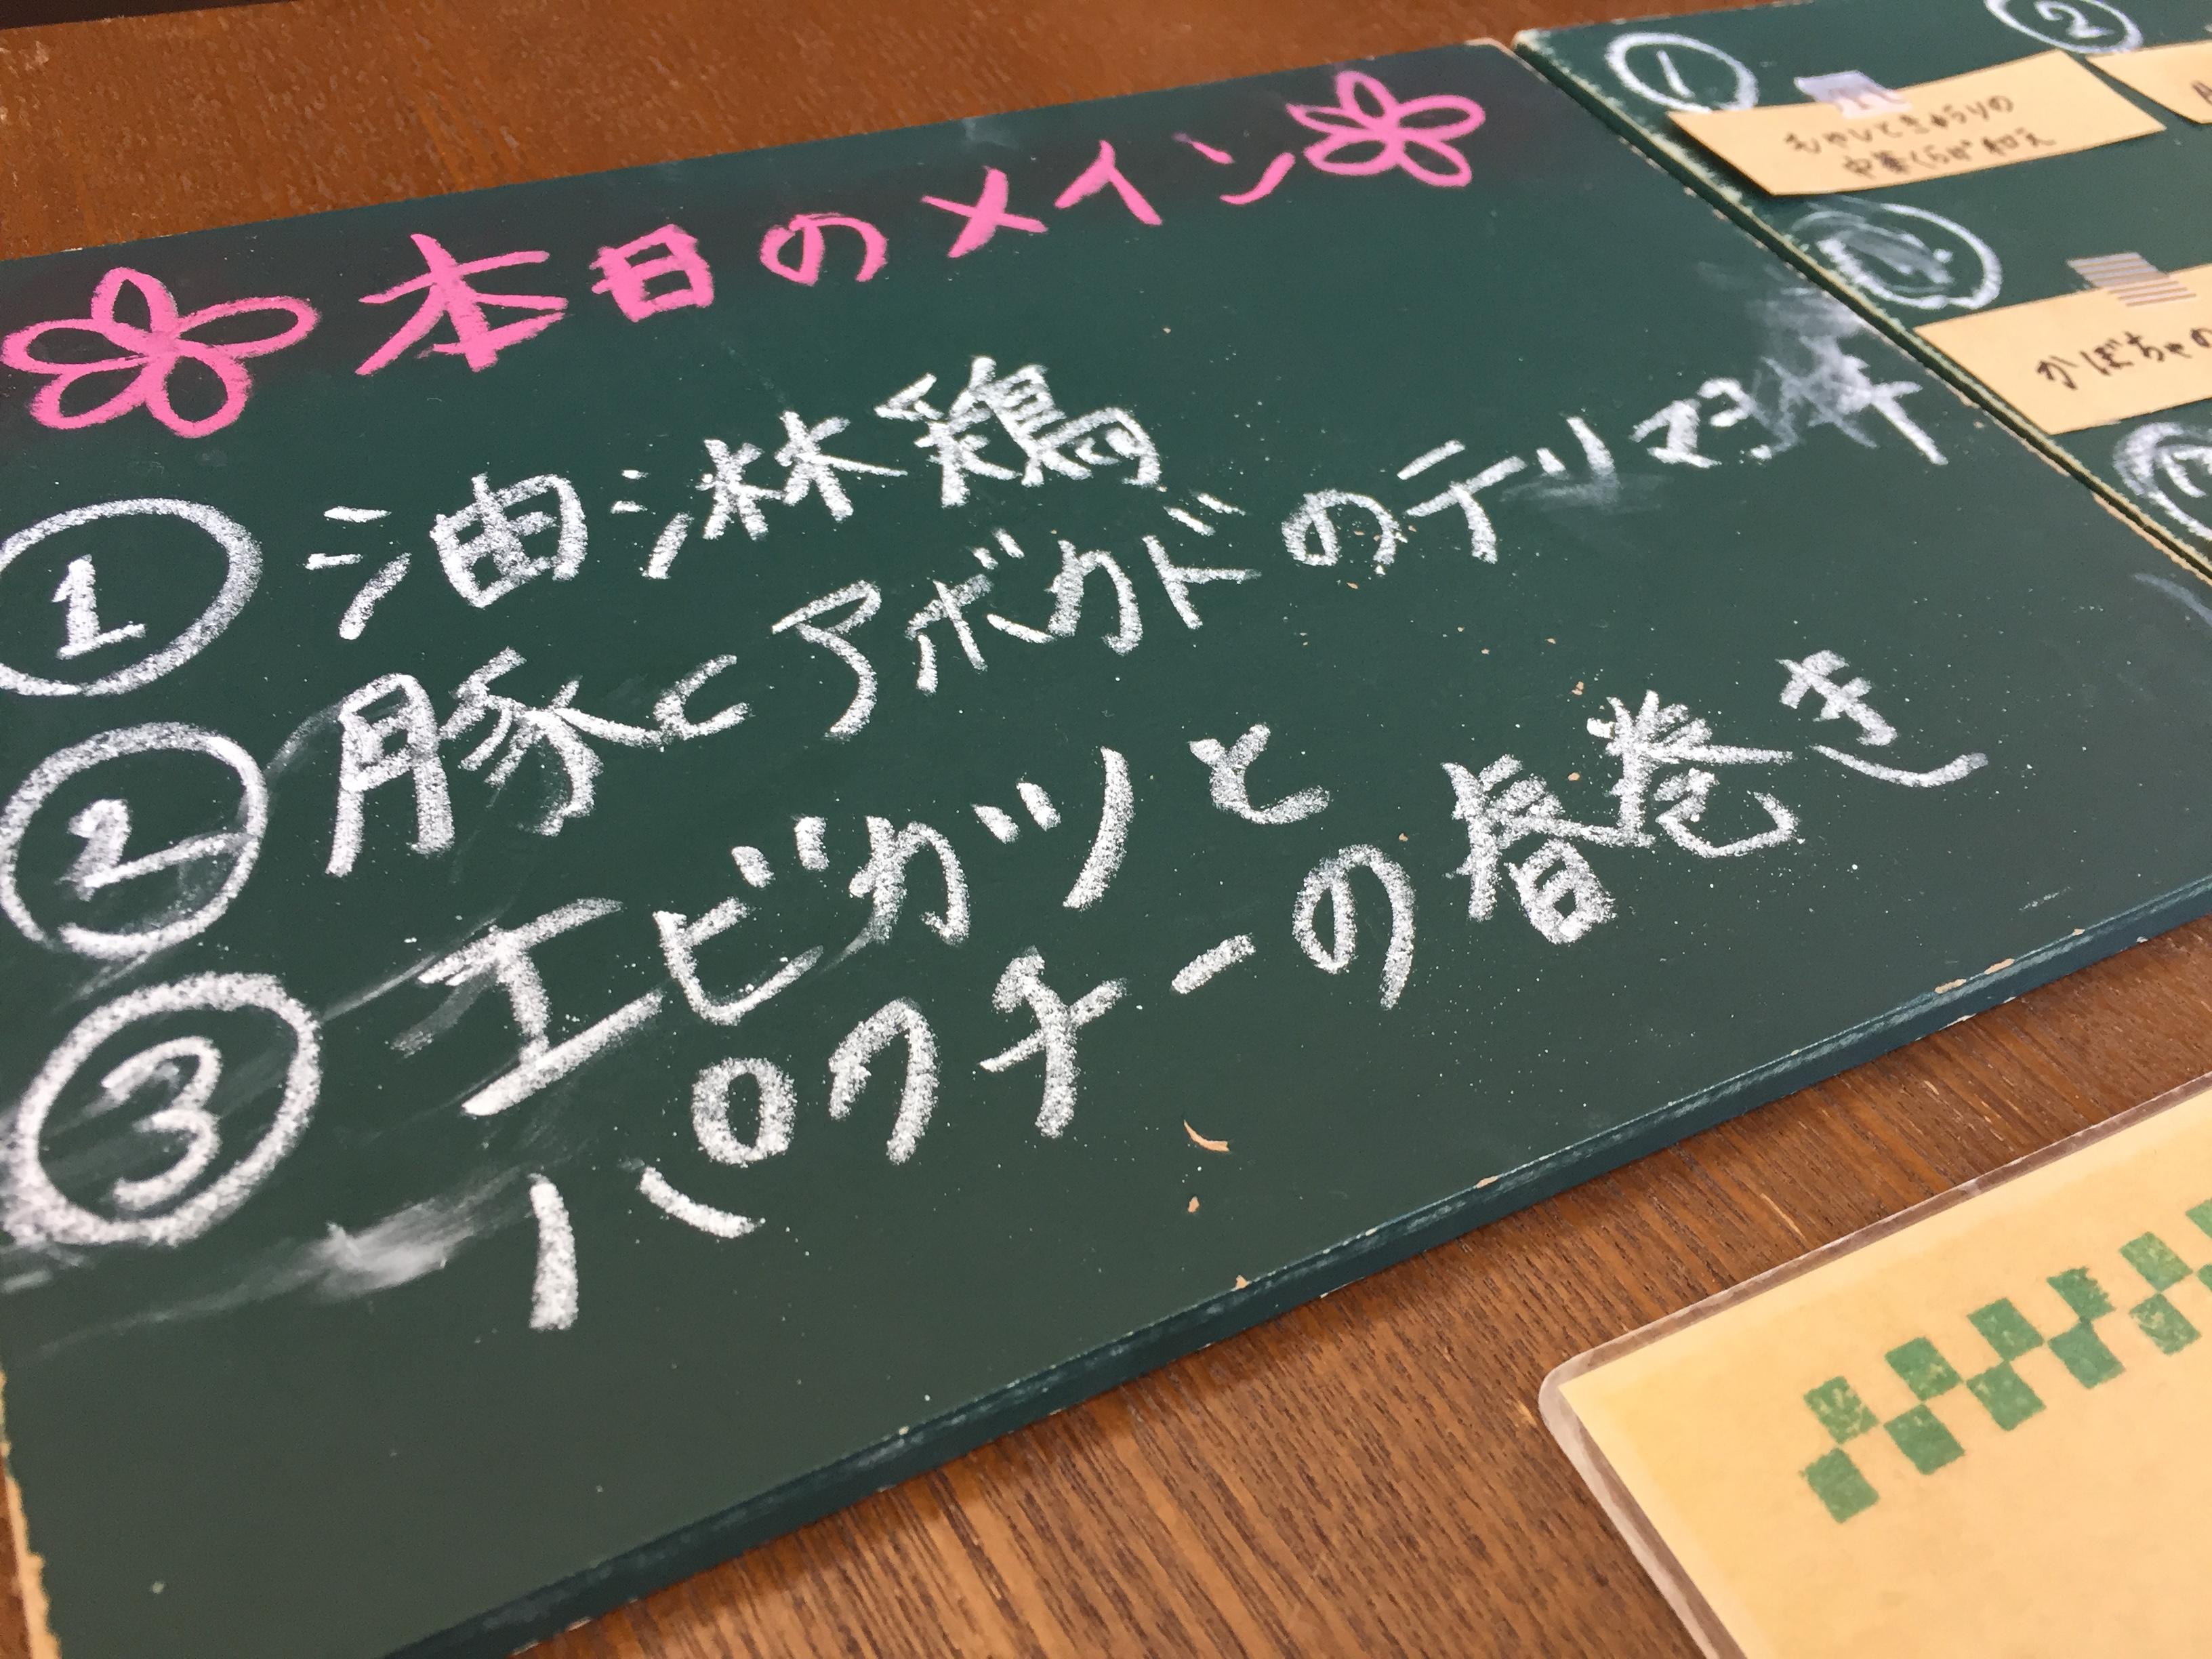 掛川 パーティー会場 THANK THANK サンクサンク